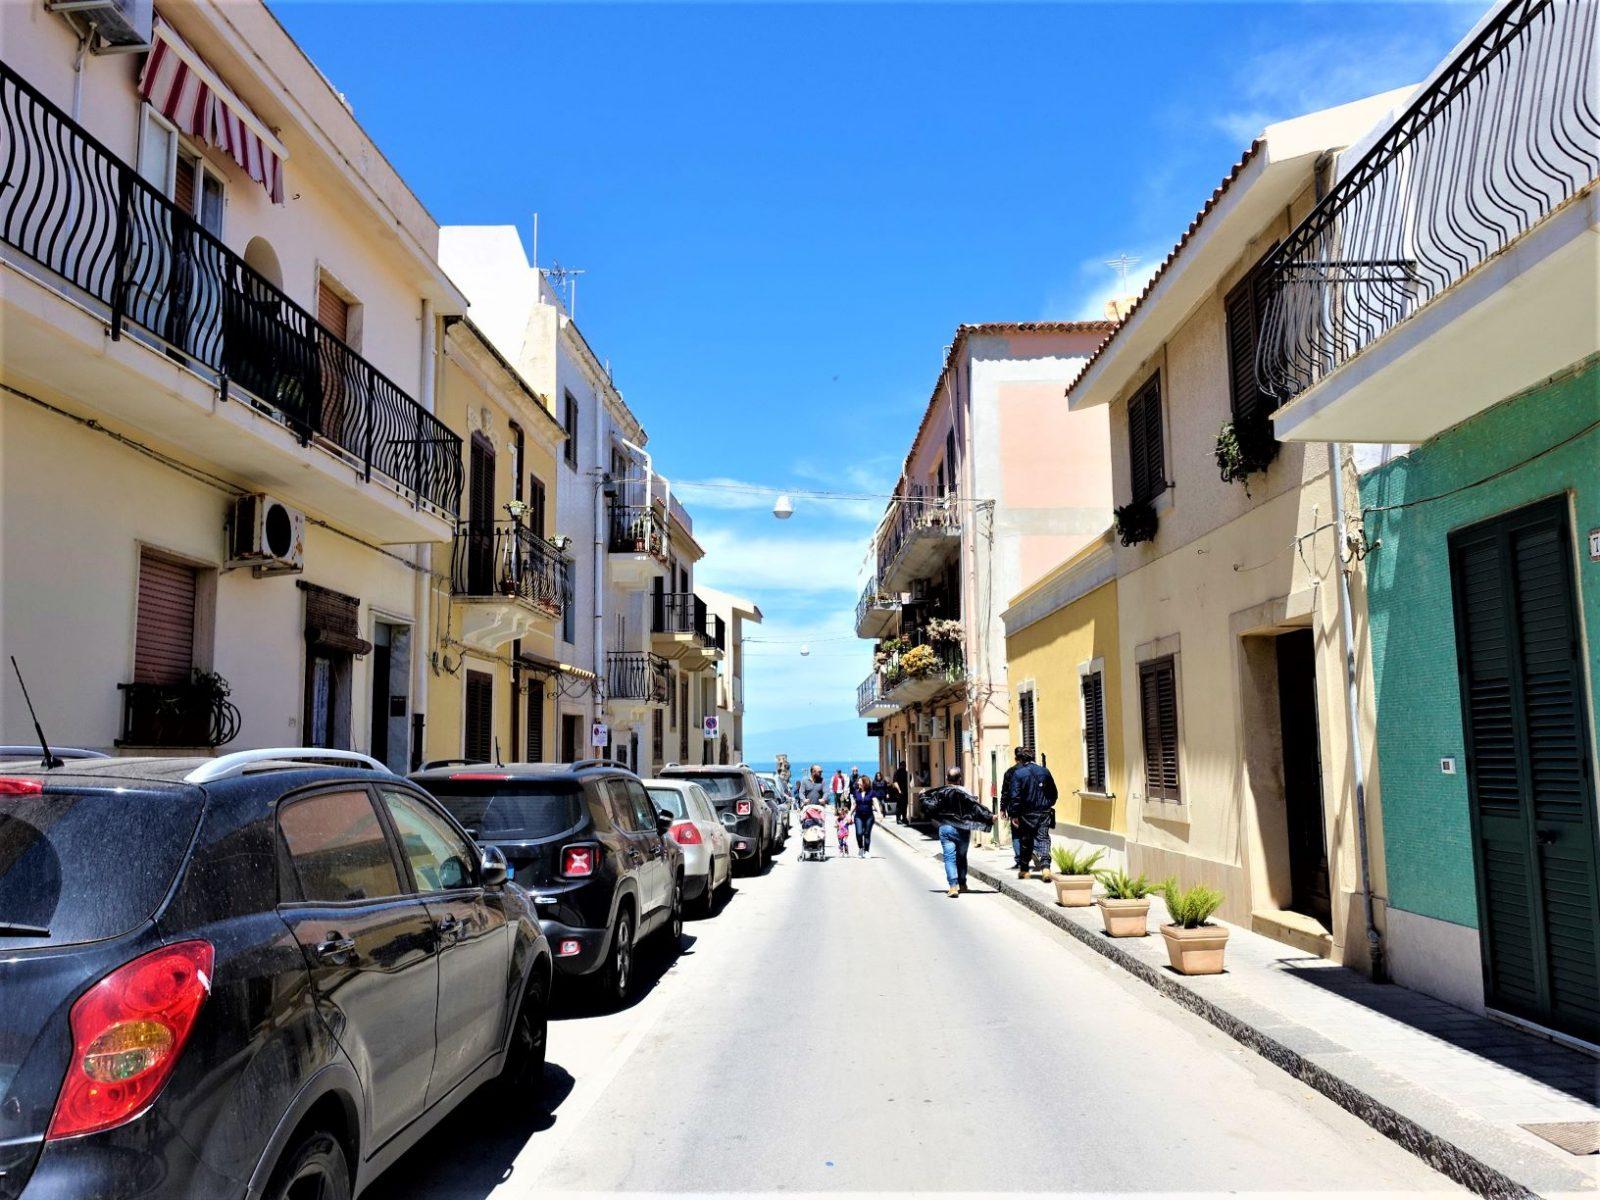 Gaten i brucoli Sisilia